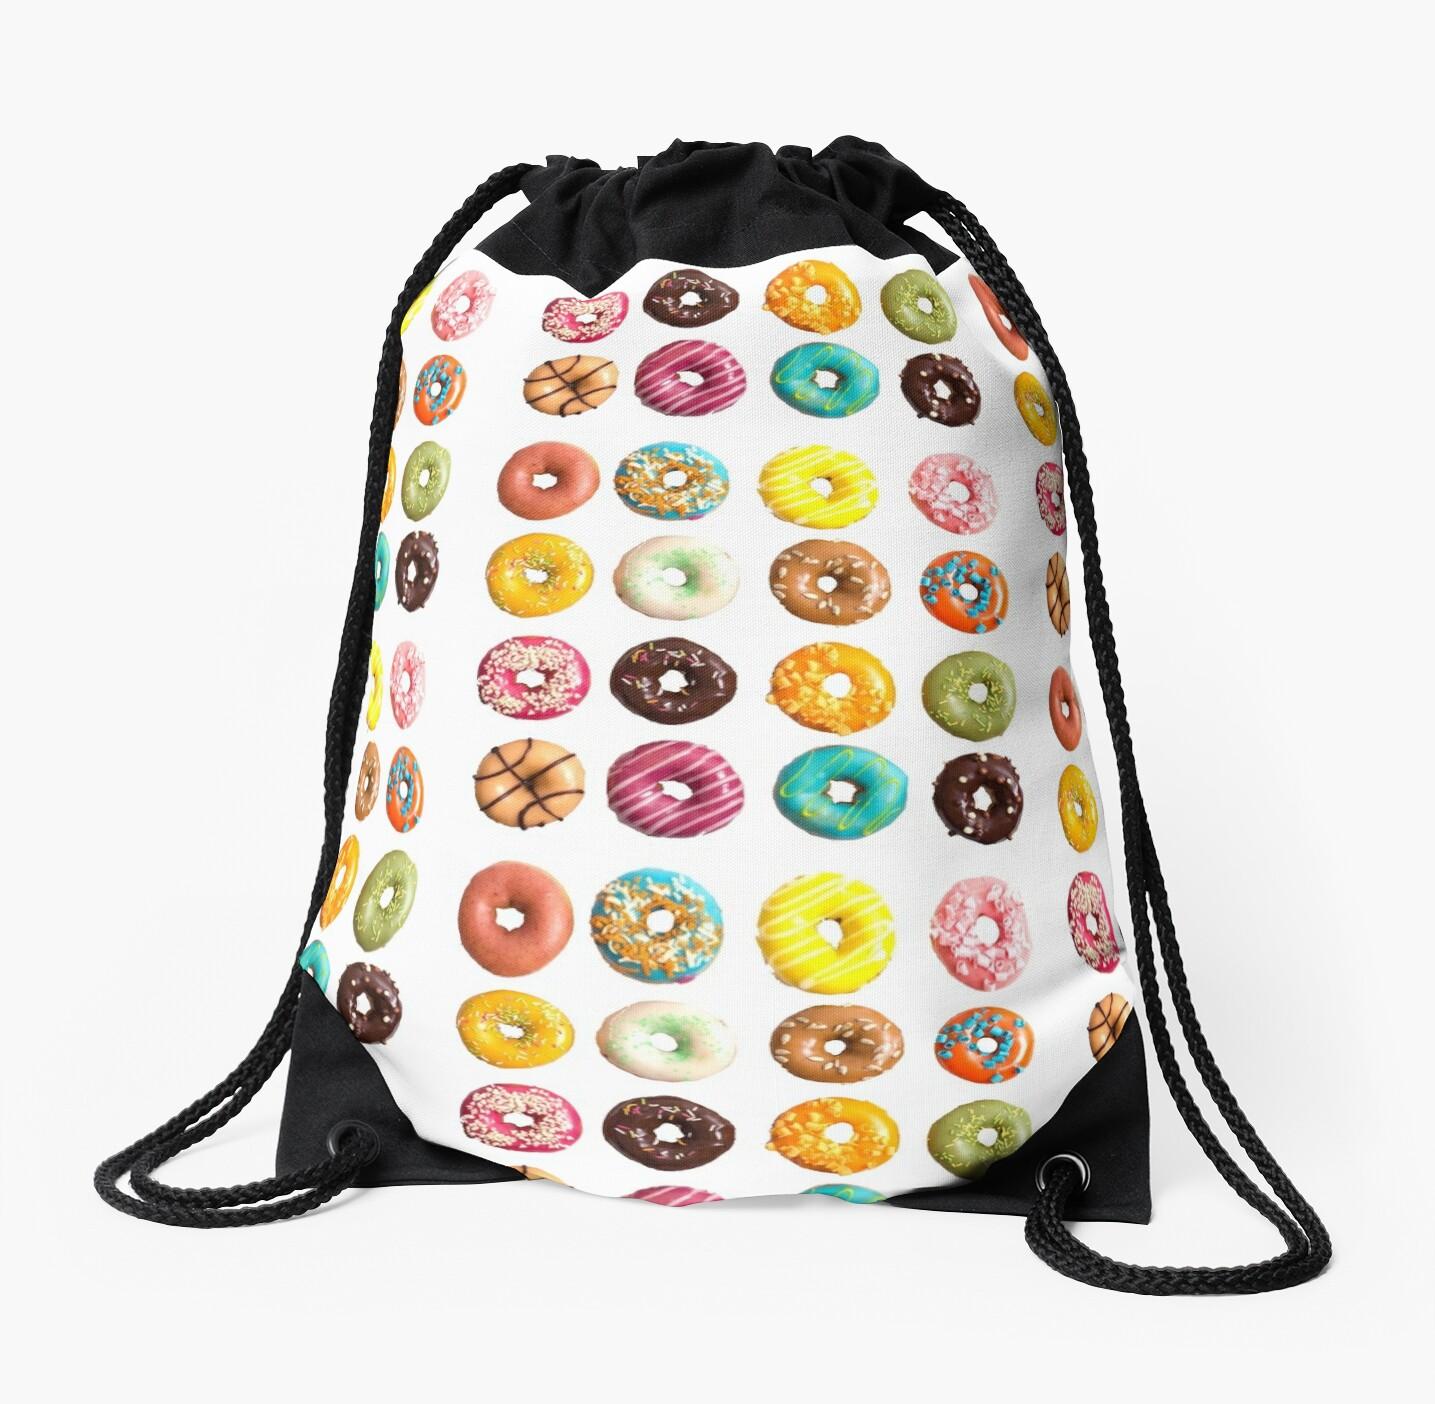 Donuts by TinaGarcia